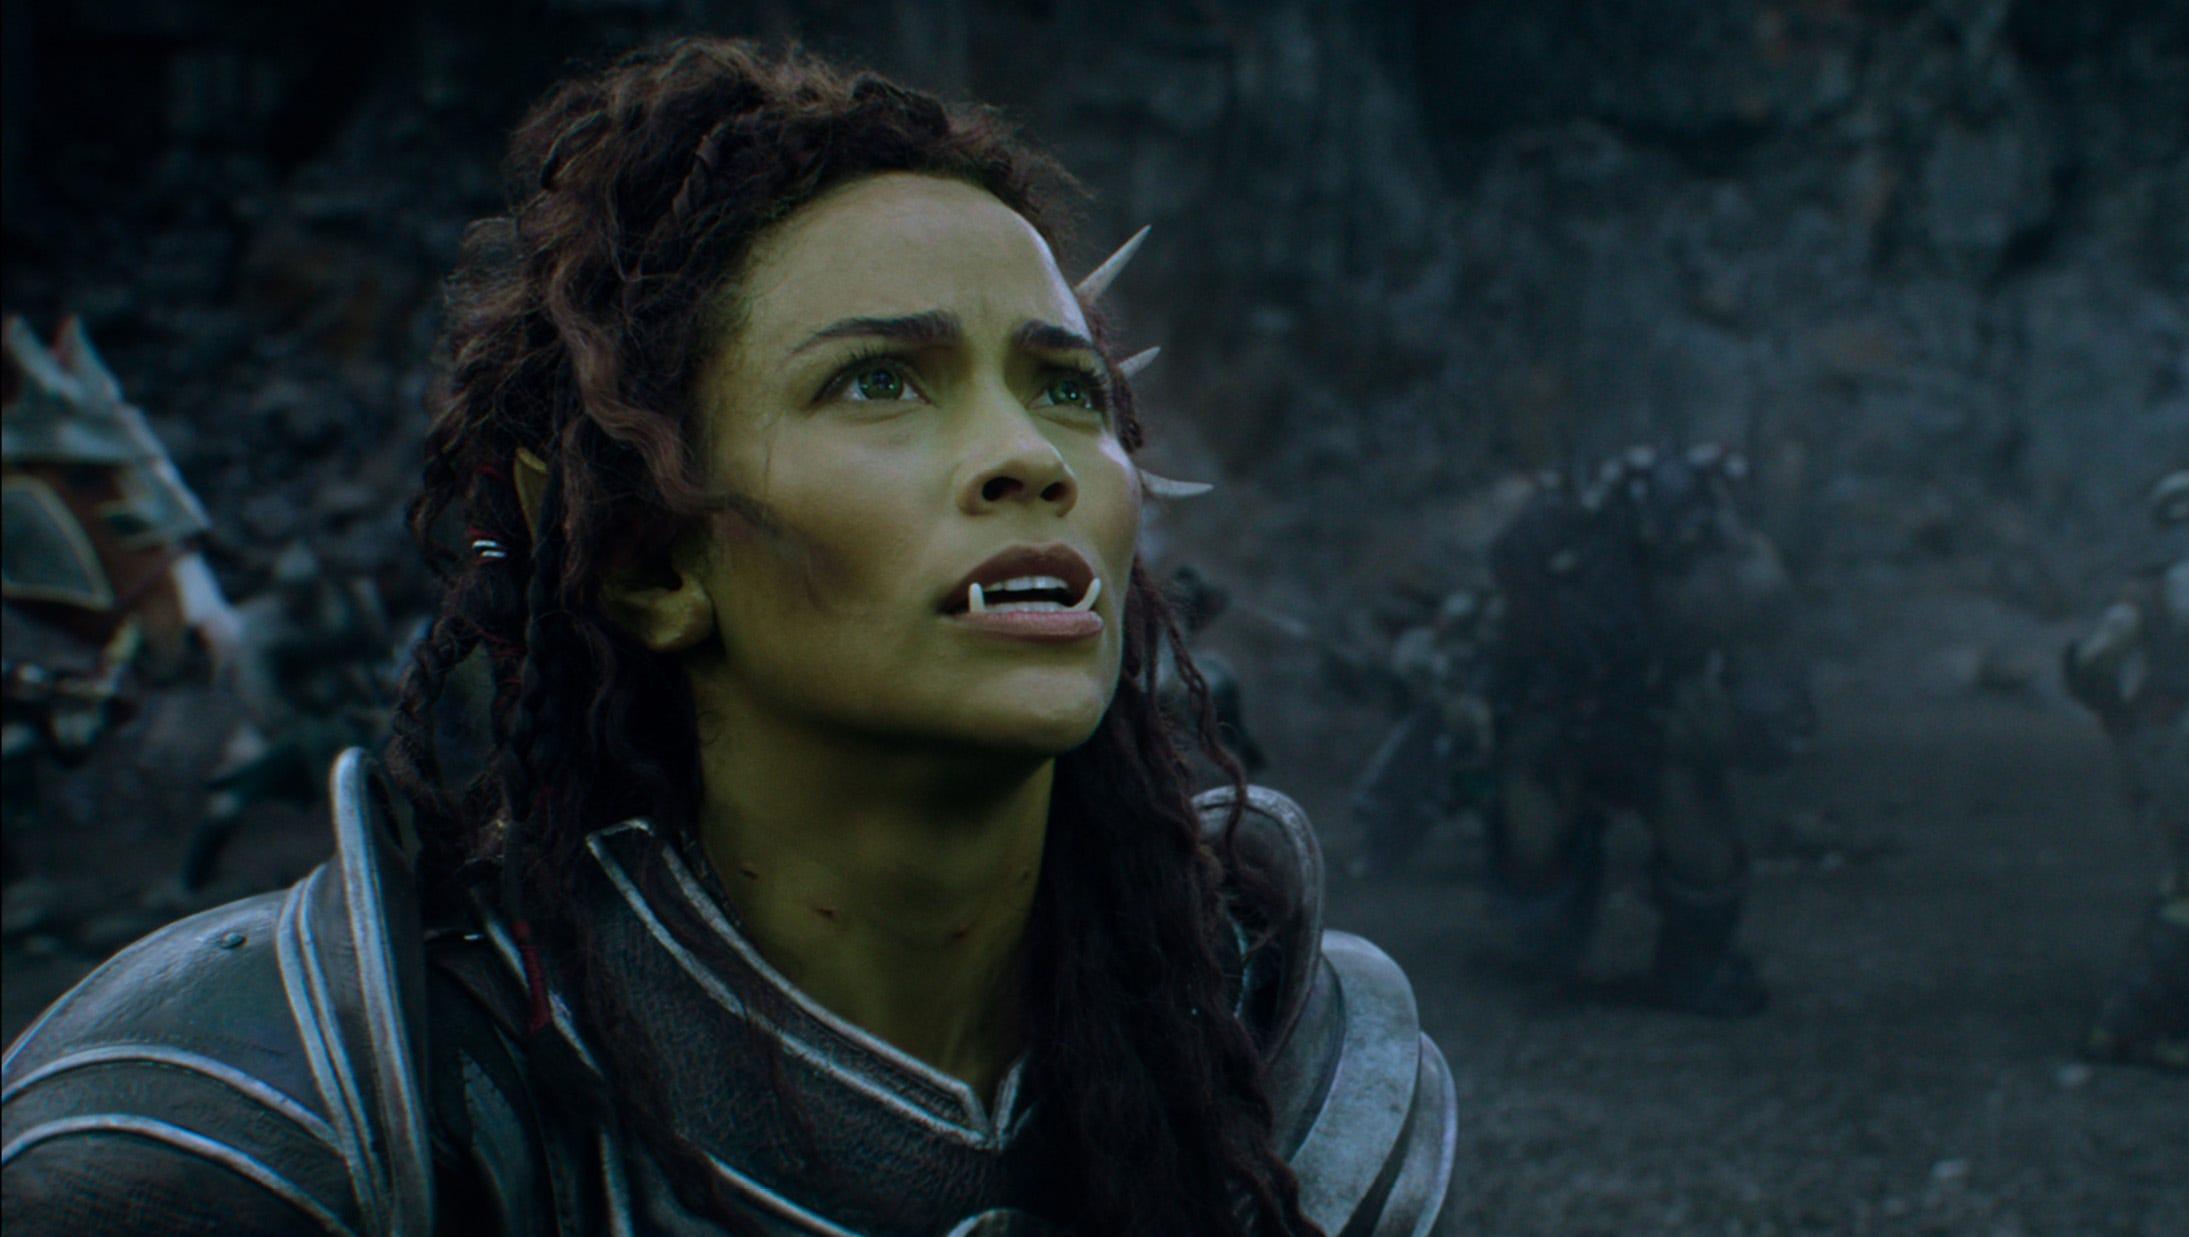 Meet The Warcraft Warriors Paula Patton Orcs Out As Garona